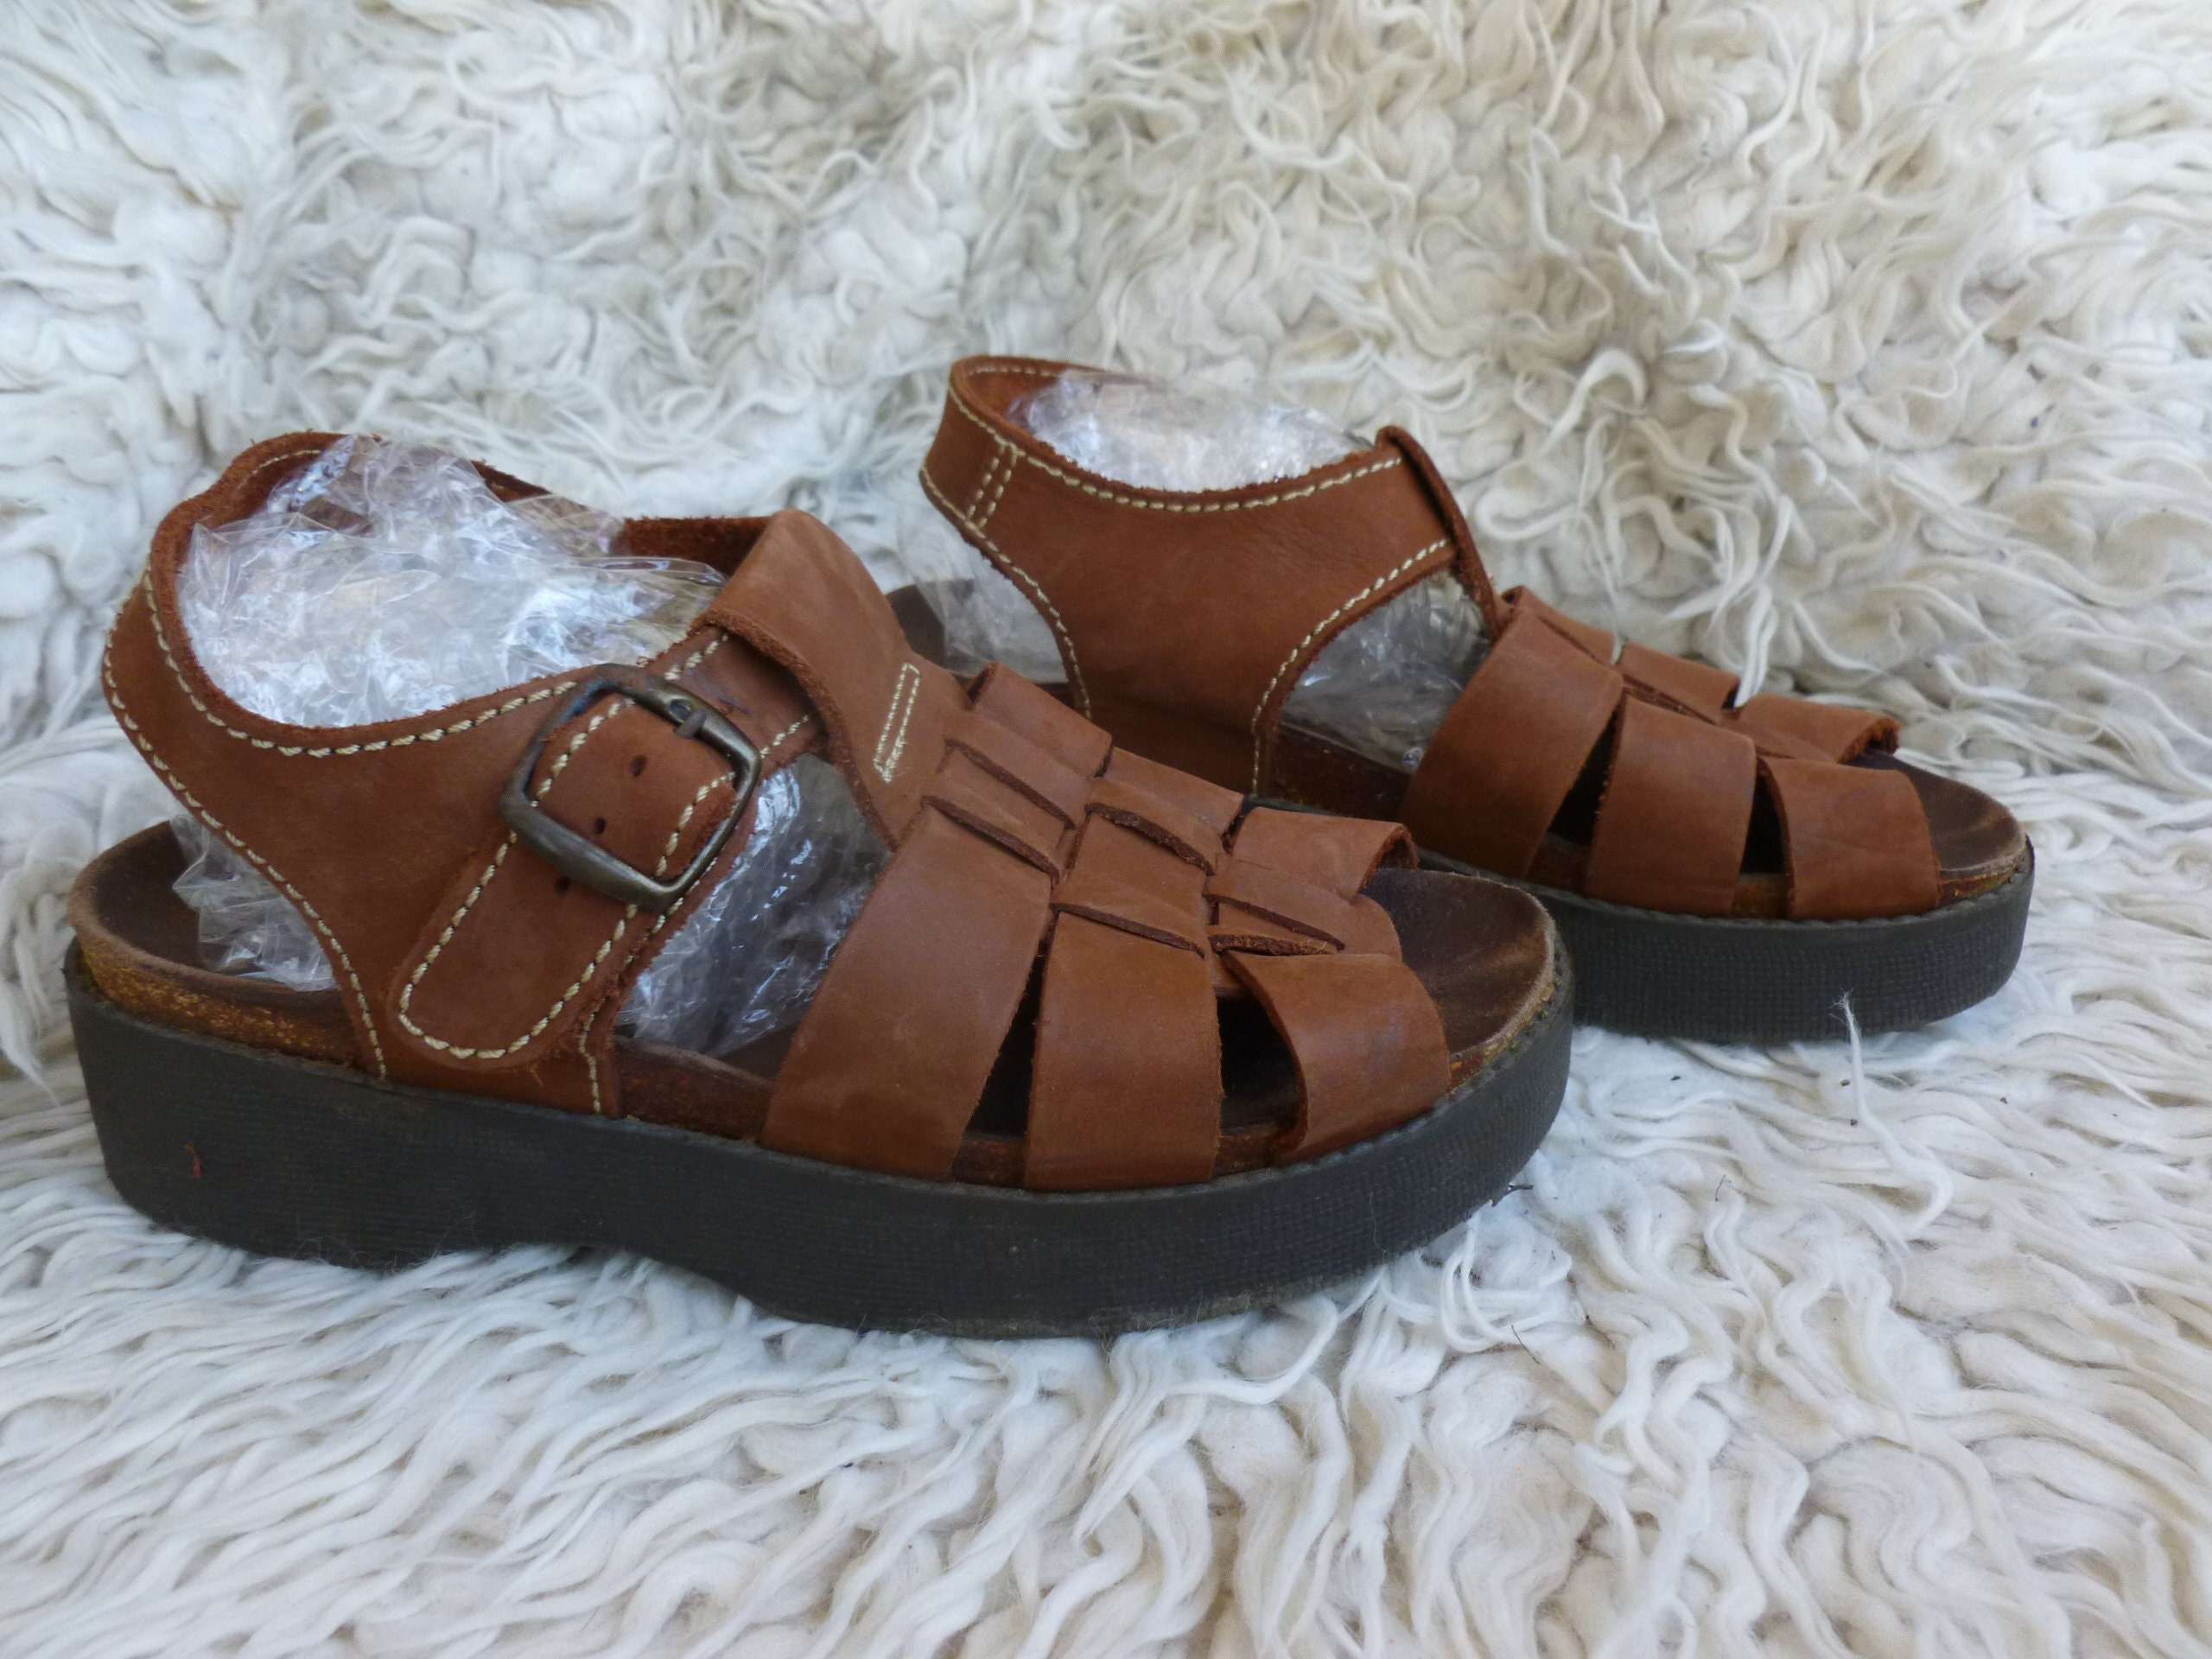 les sandales - chaussures à plate - forme - - - marron -  euros, ,,  royaume - uni.en espagne da9c66